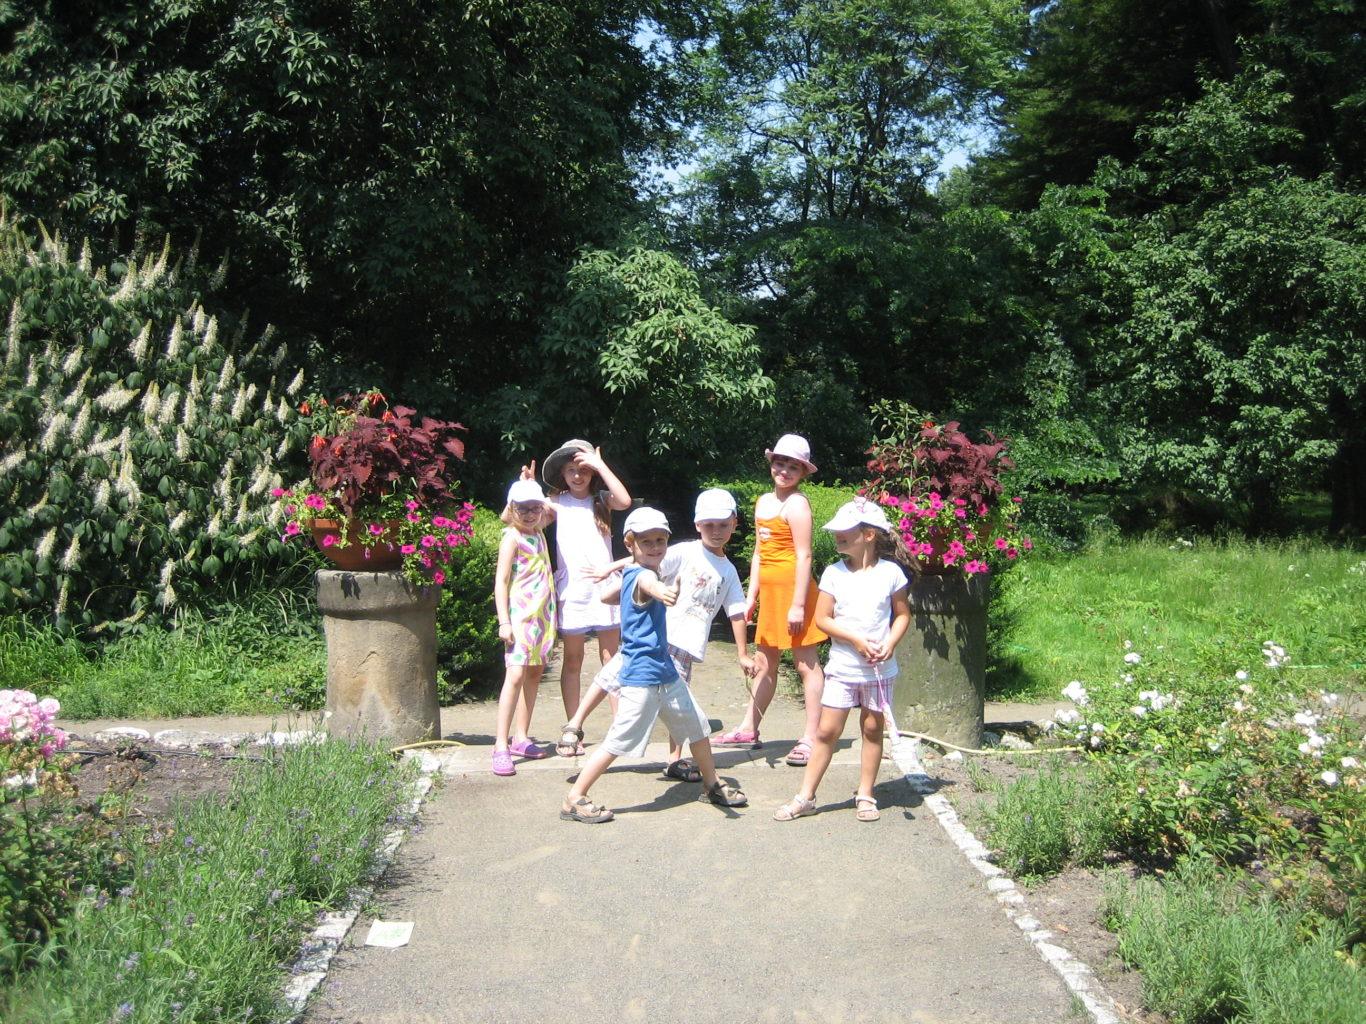 Półkolonie w Pracowni Artystycznej 'Mali Twórcy' - dzieci w ogrodzie botanicznym